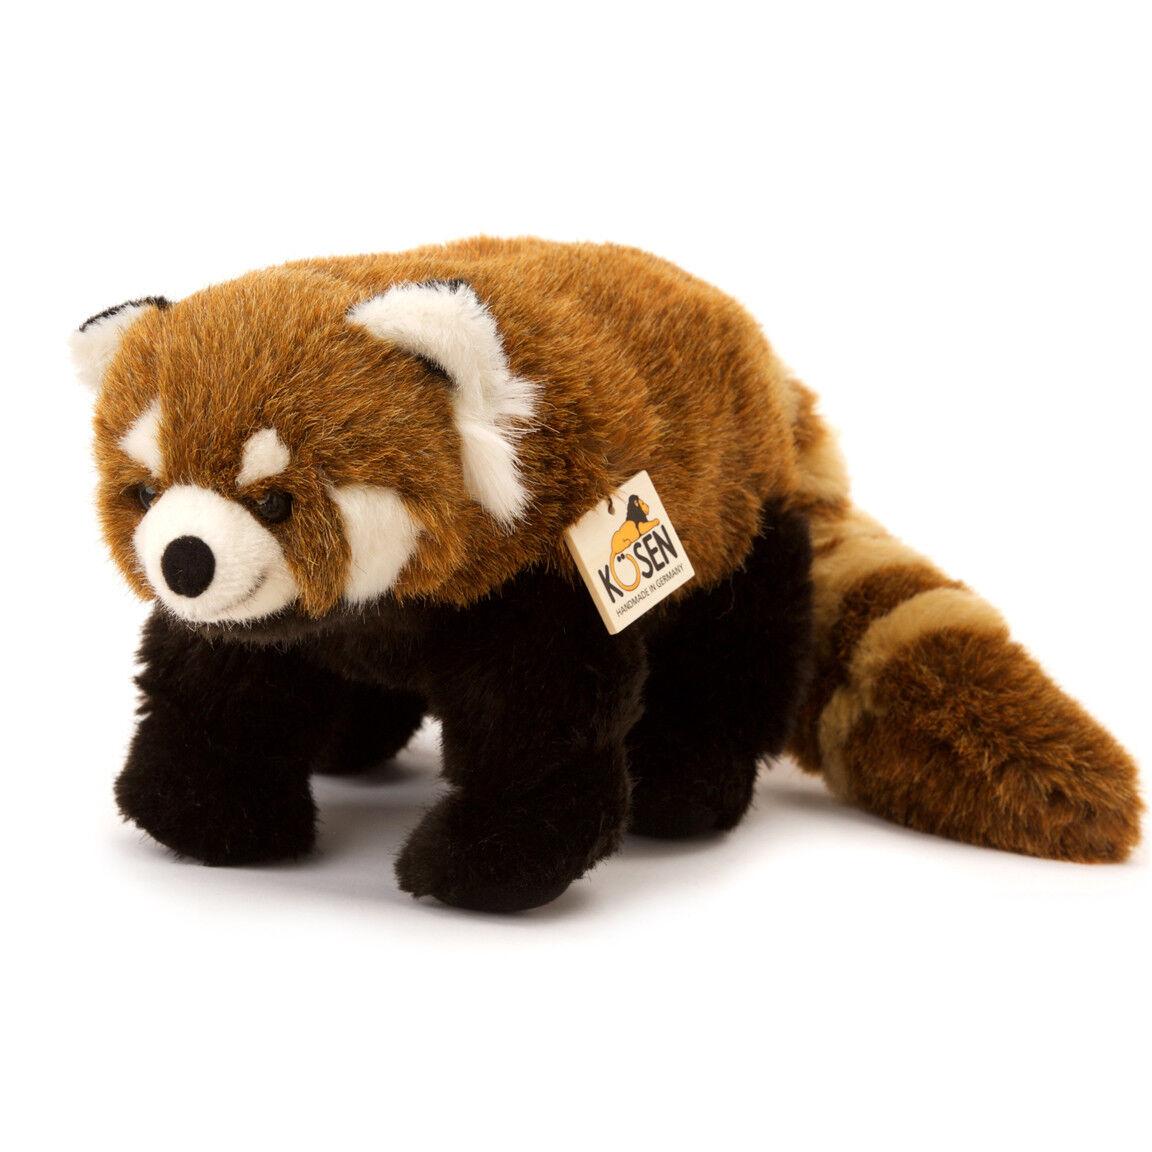 Red Panda 'Ailu' collectable plush soft toy - Kosen   Kösen - 4970 - 48cm